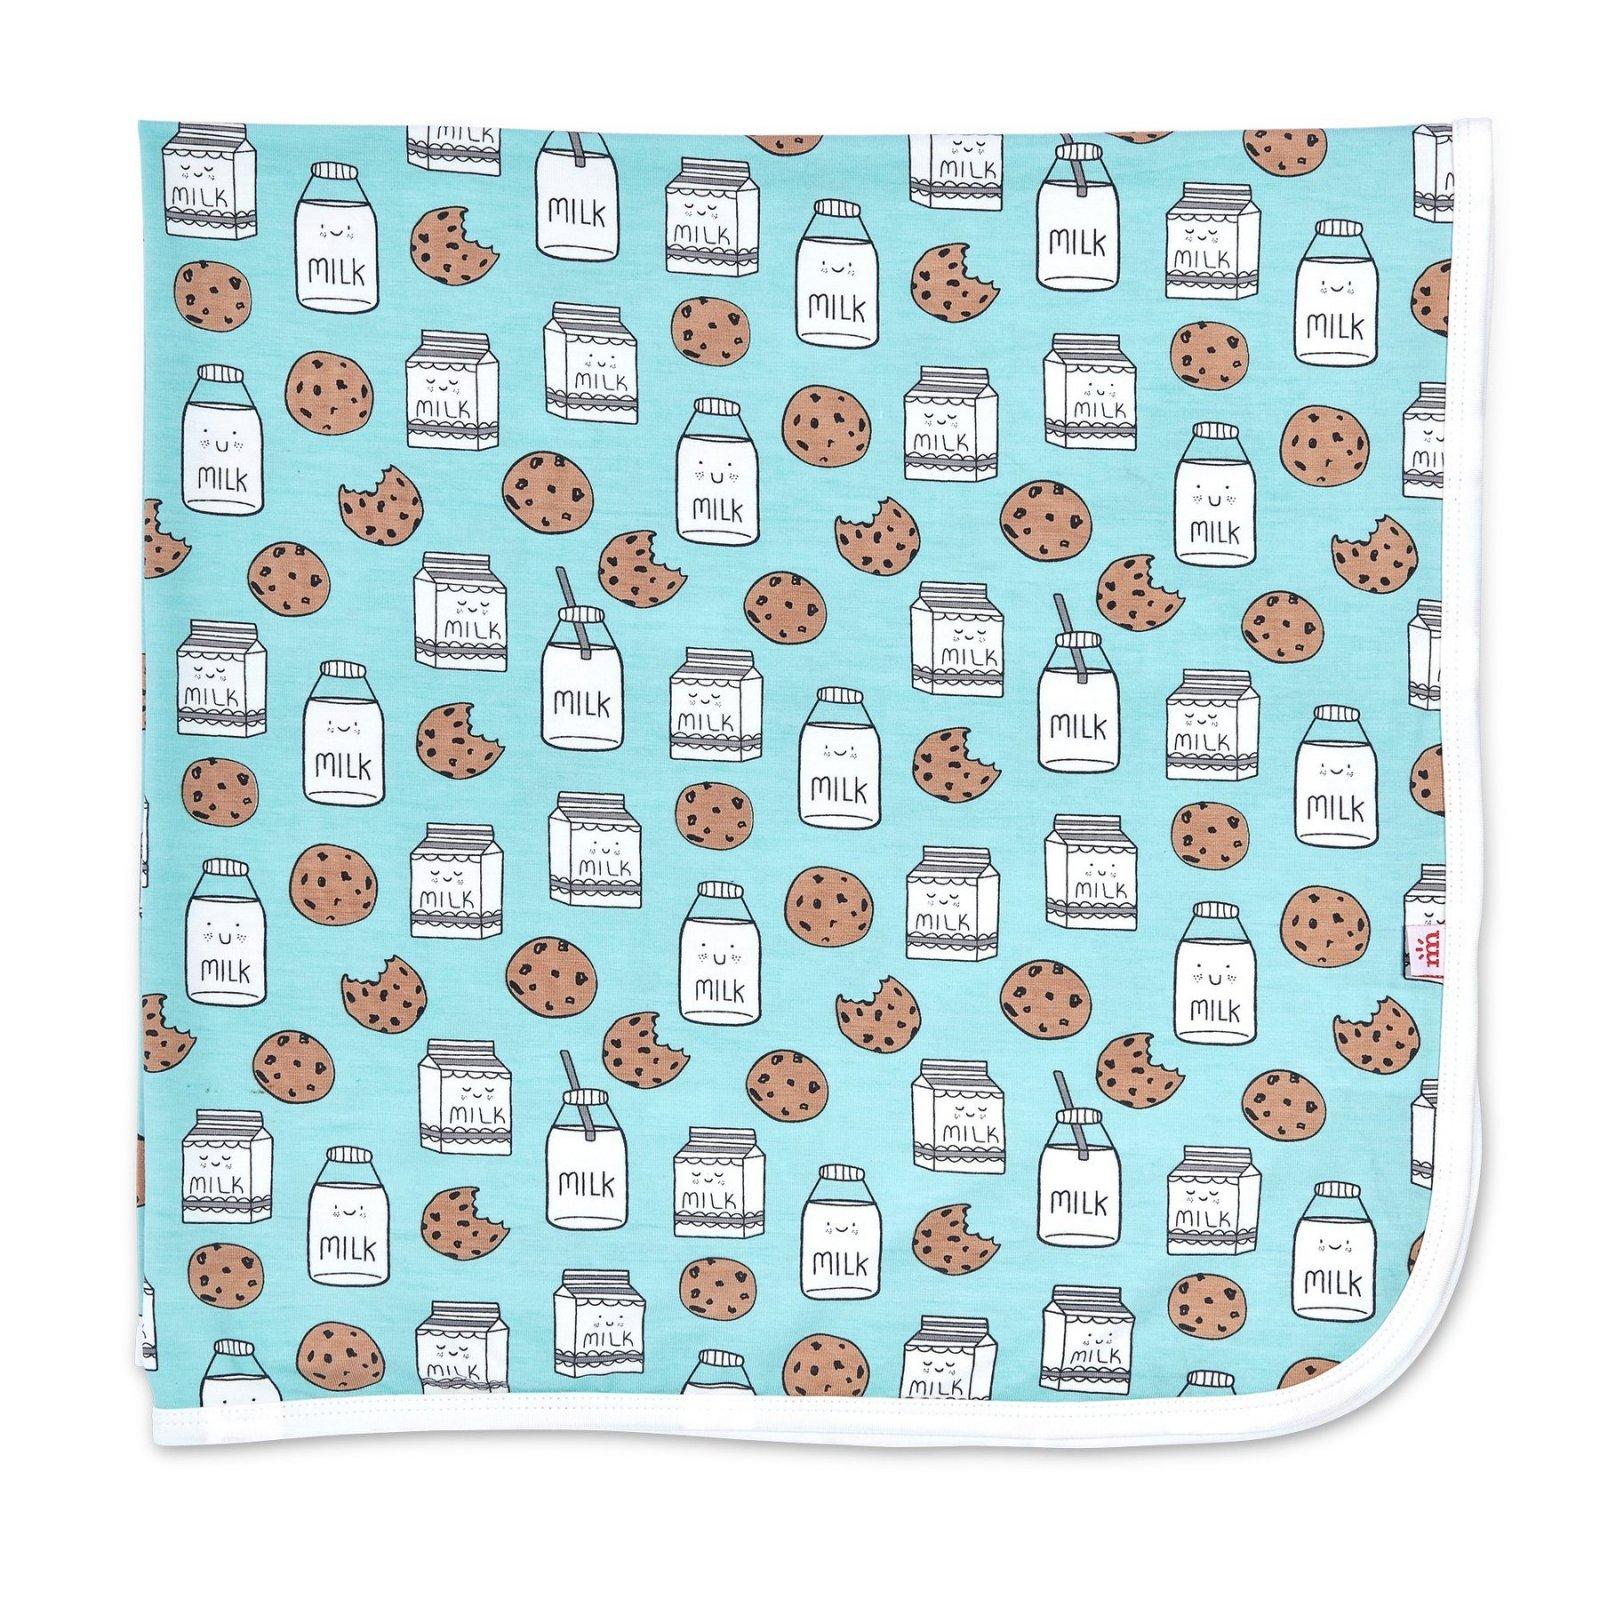 Bedtime Stories Modal Blanket